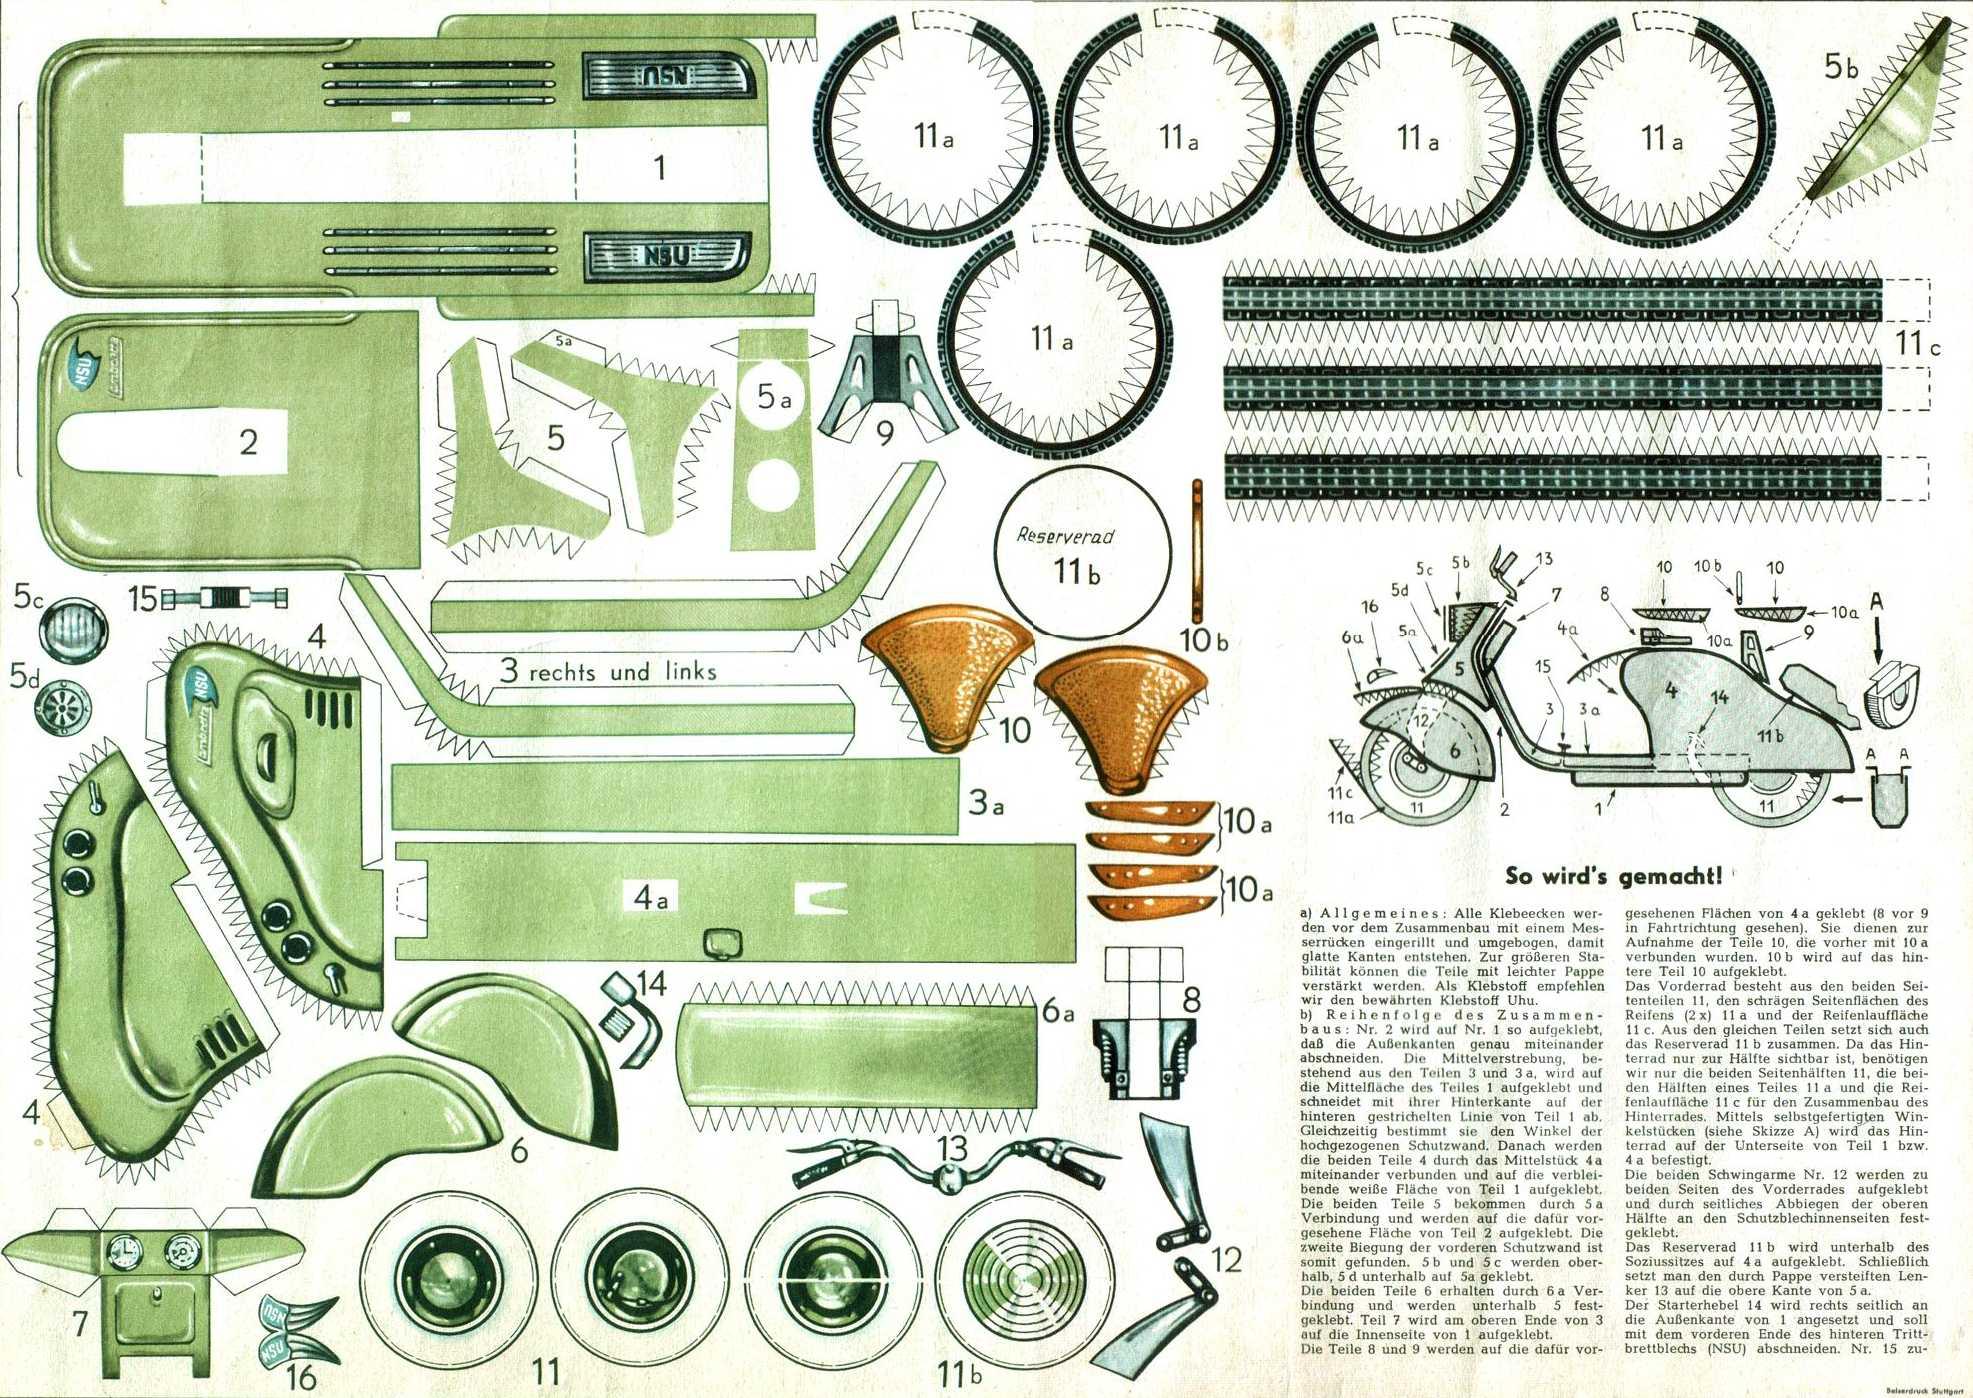 Paperlambretta-example, Lambretta books, Paper model Lambretta LD